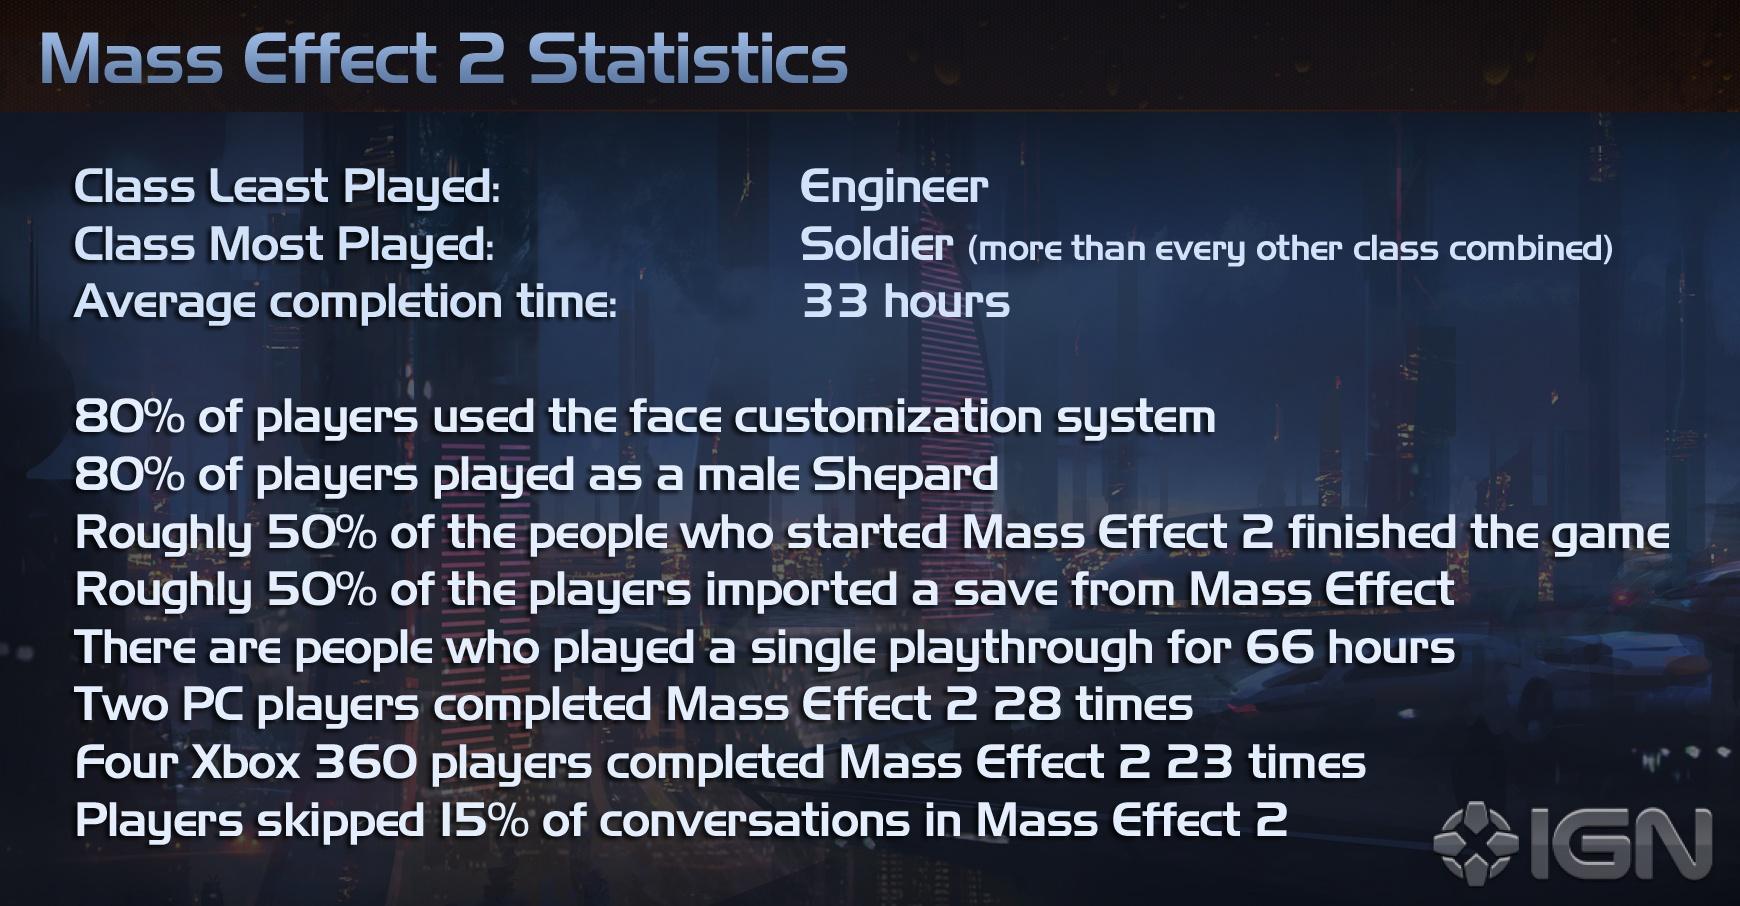 Spielestatistik: Nur die Hälfte hat Mass Effect 2 durchgespielt - Mass Effect 2 - Statistiken von IGN